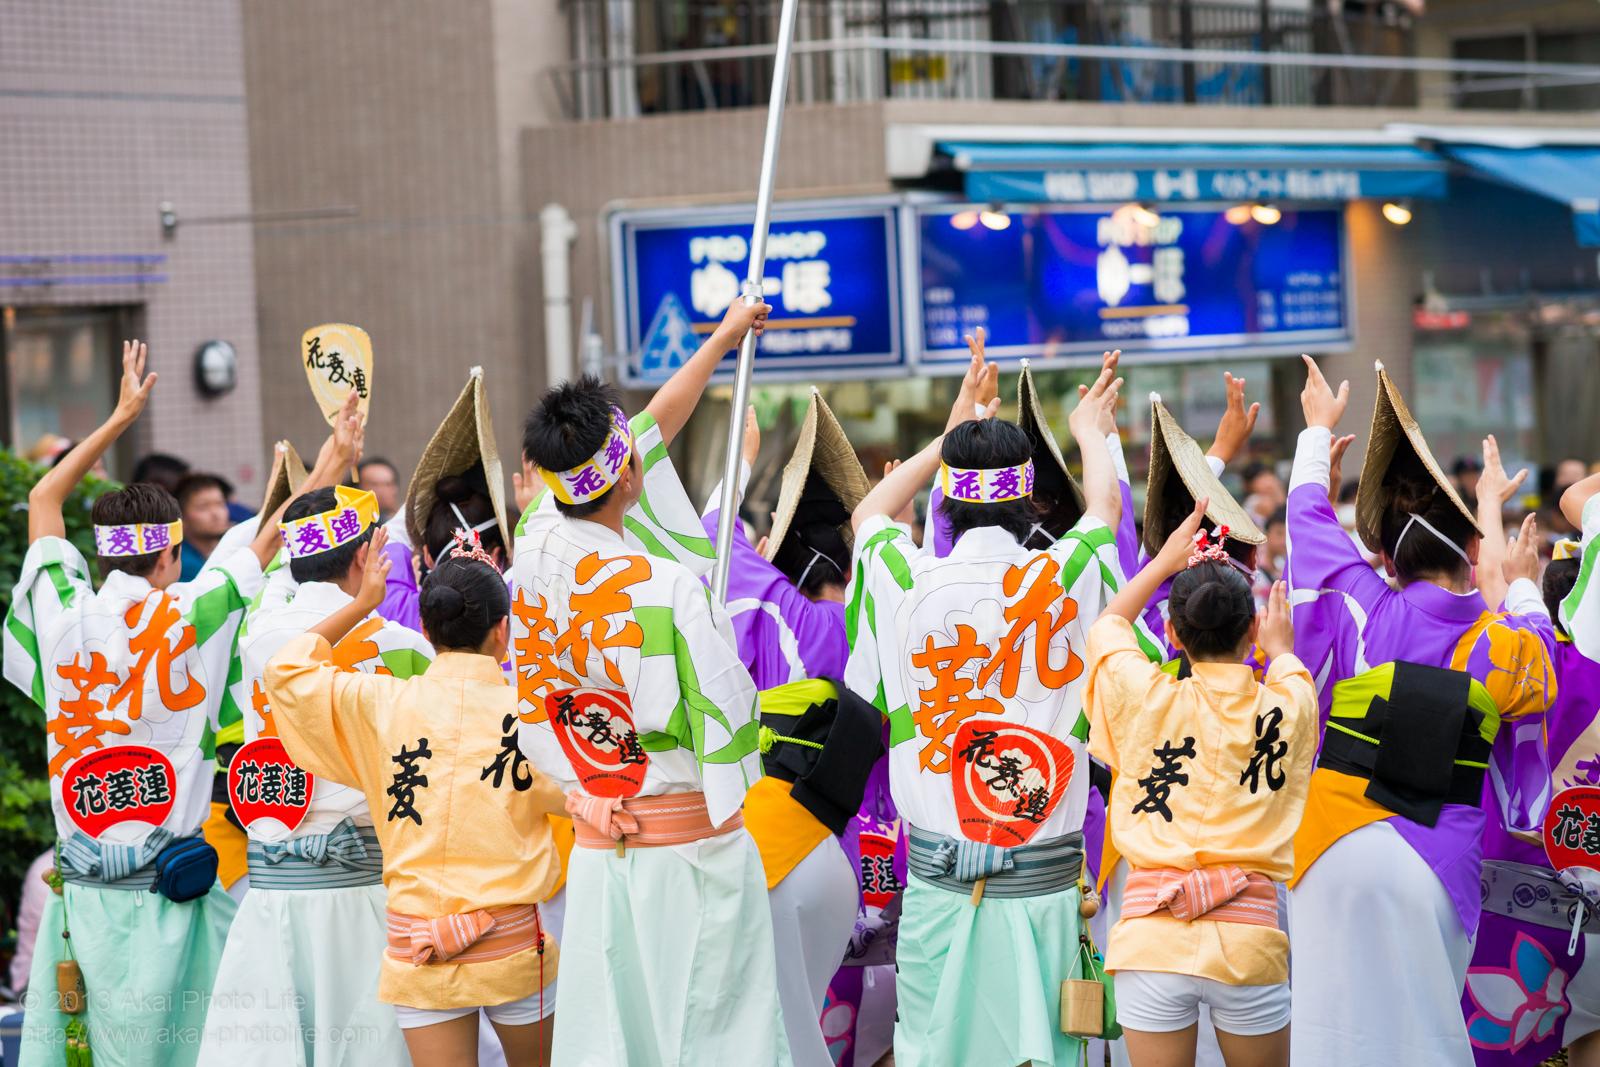 高円寺阿波踊り 花菱連の写真